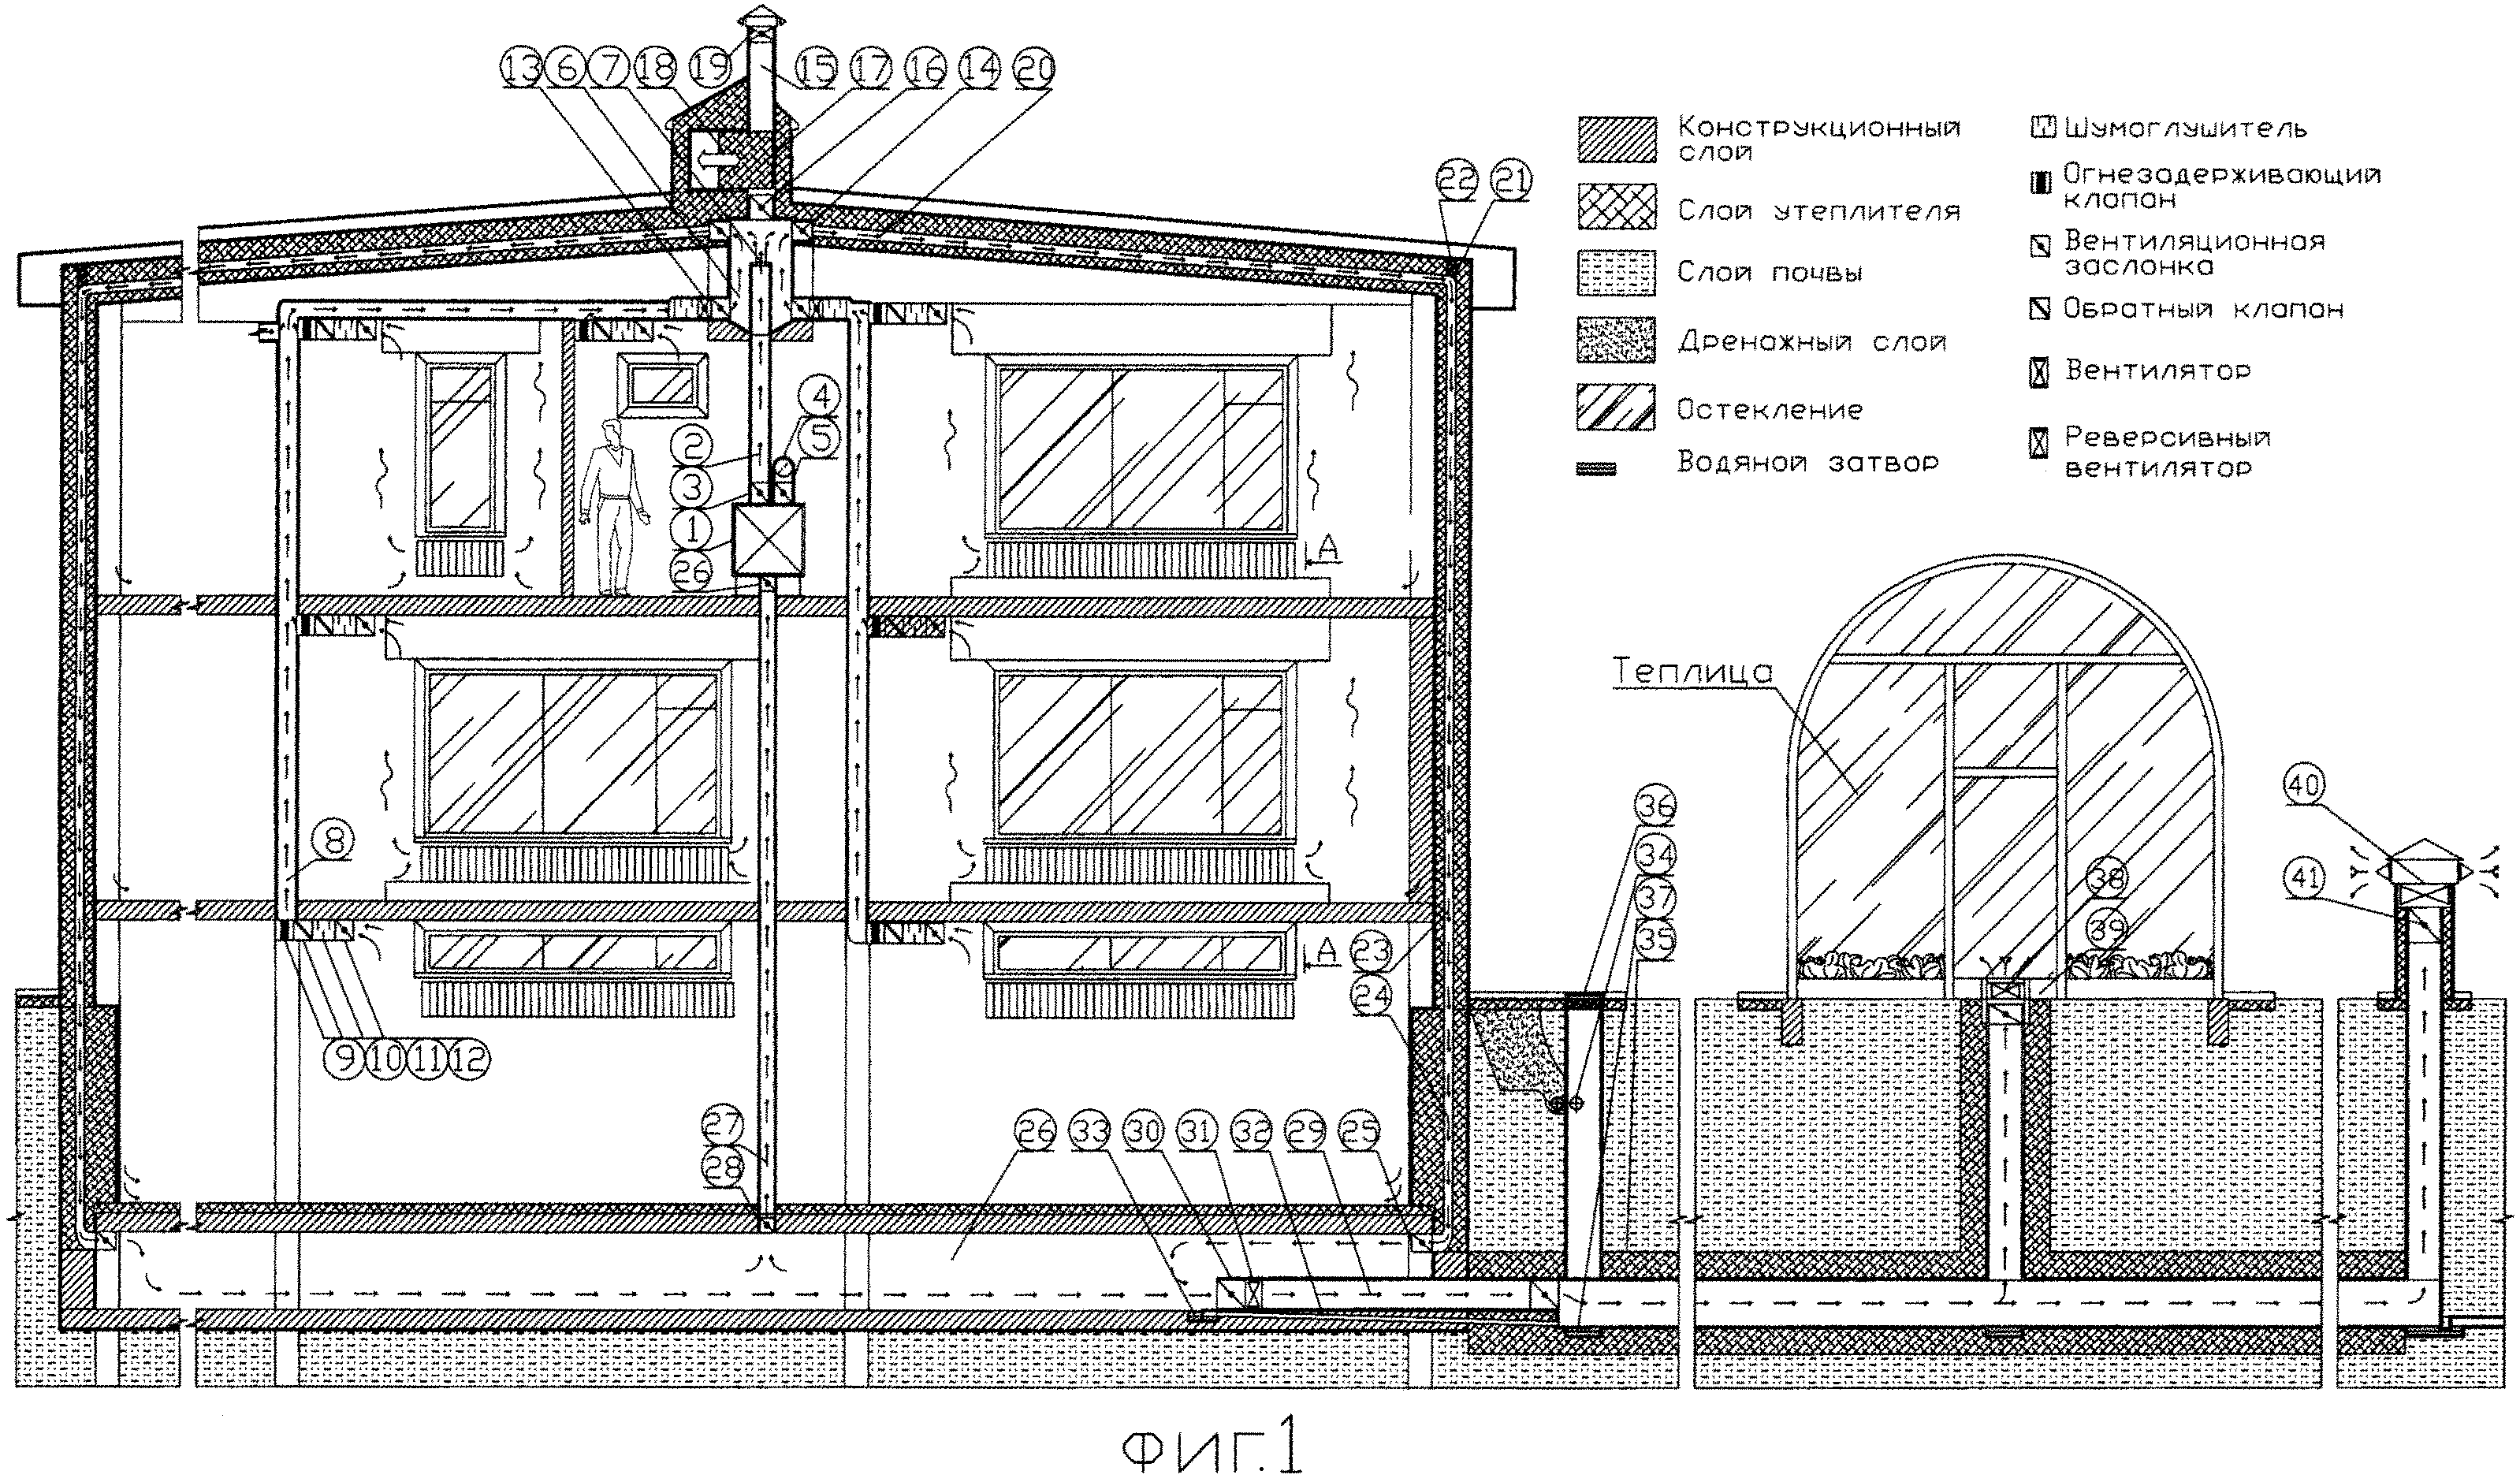 Энергоэффективное отапливаемое здание с теплицей